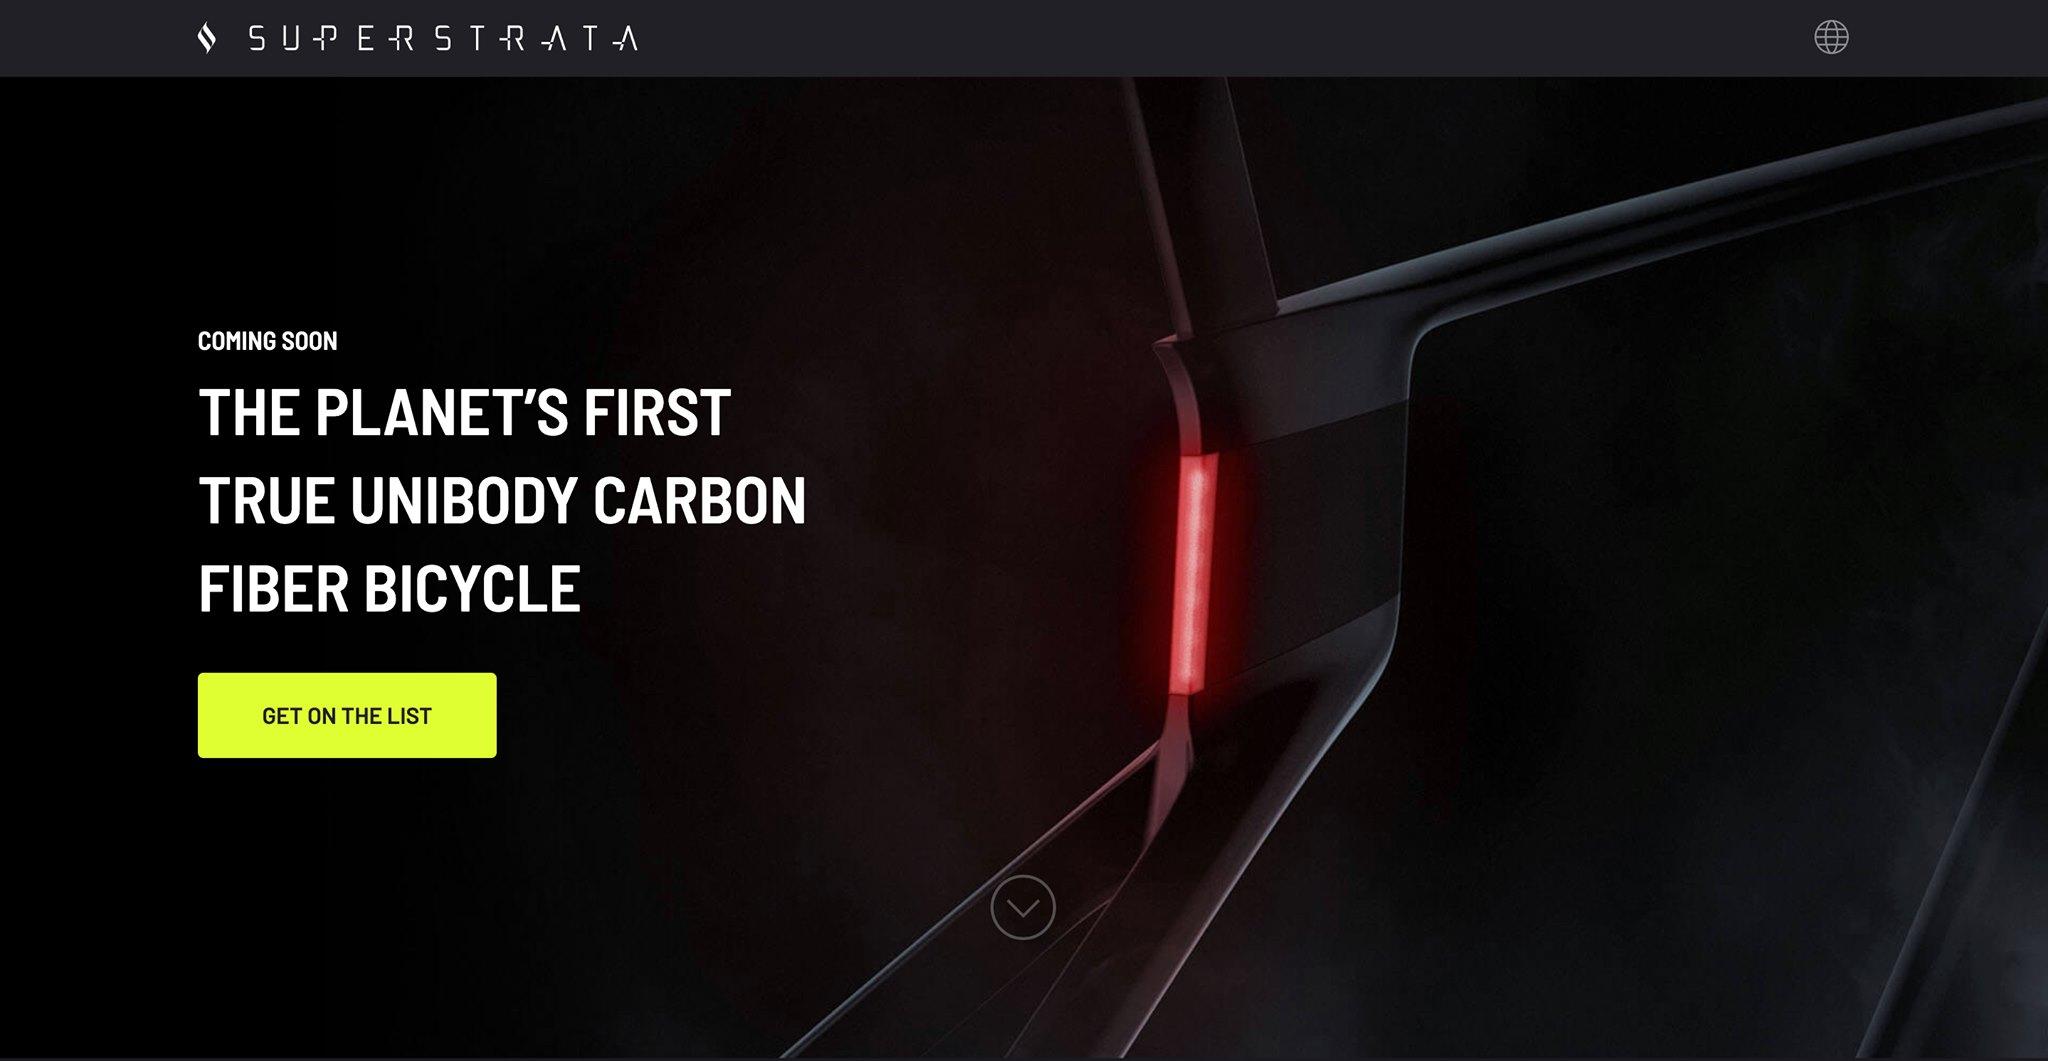 Cựu CEO Go-Viet đầu tư vào startup xe đạp nguyên khối bằng sợi carbon đầu tiên trên thế giới - Ảnh 2.